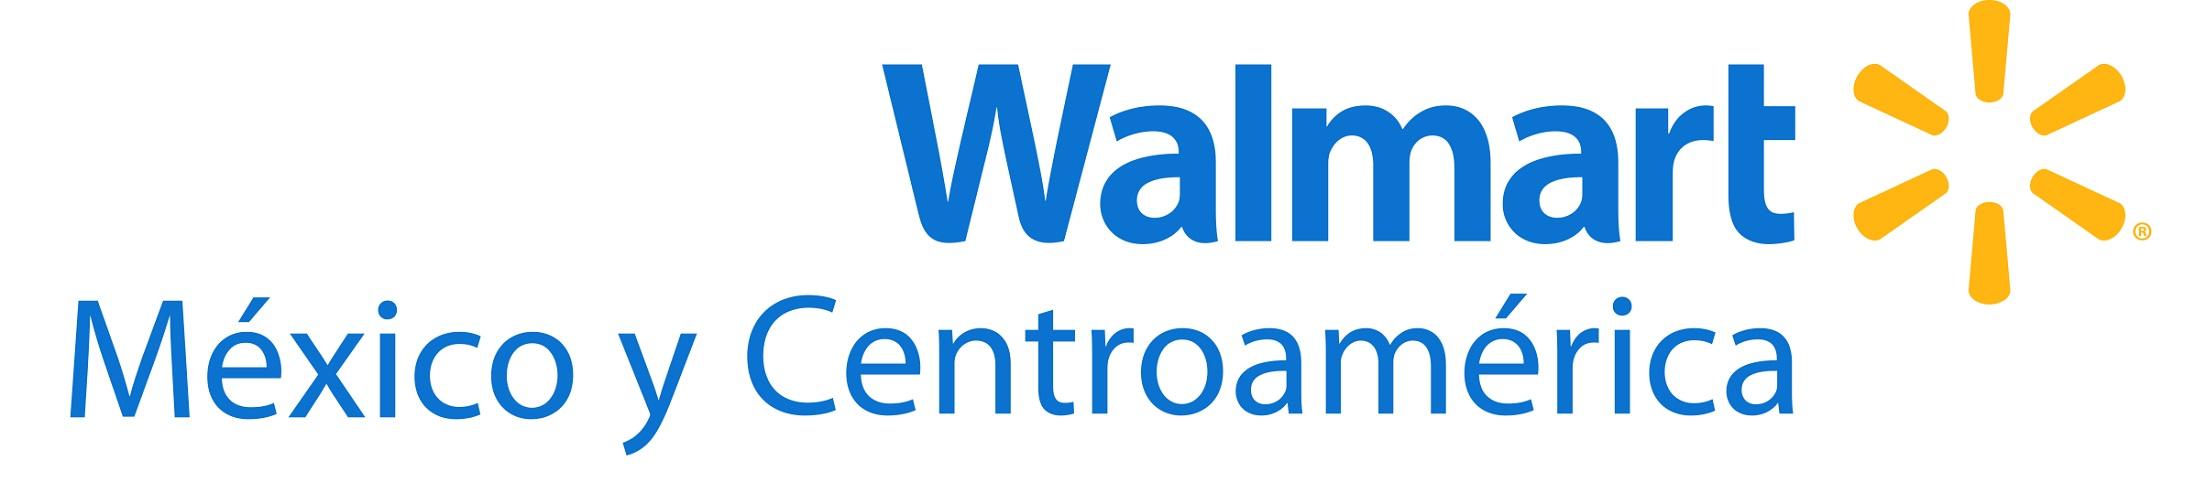 facturas de walmart